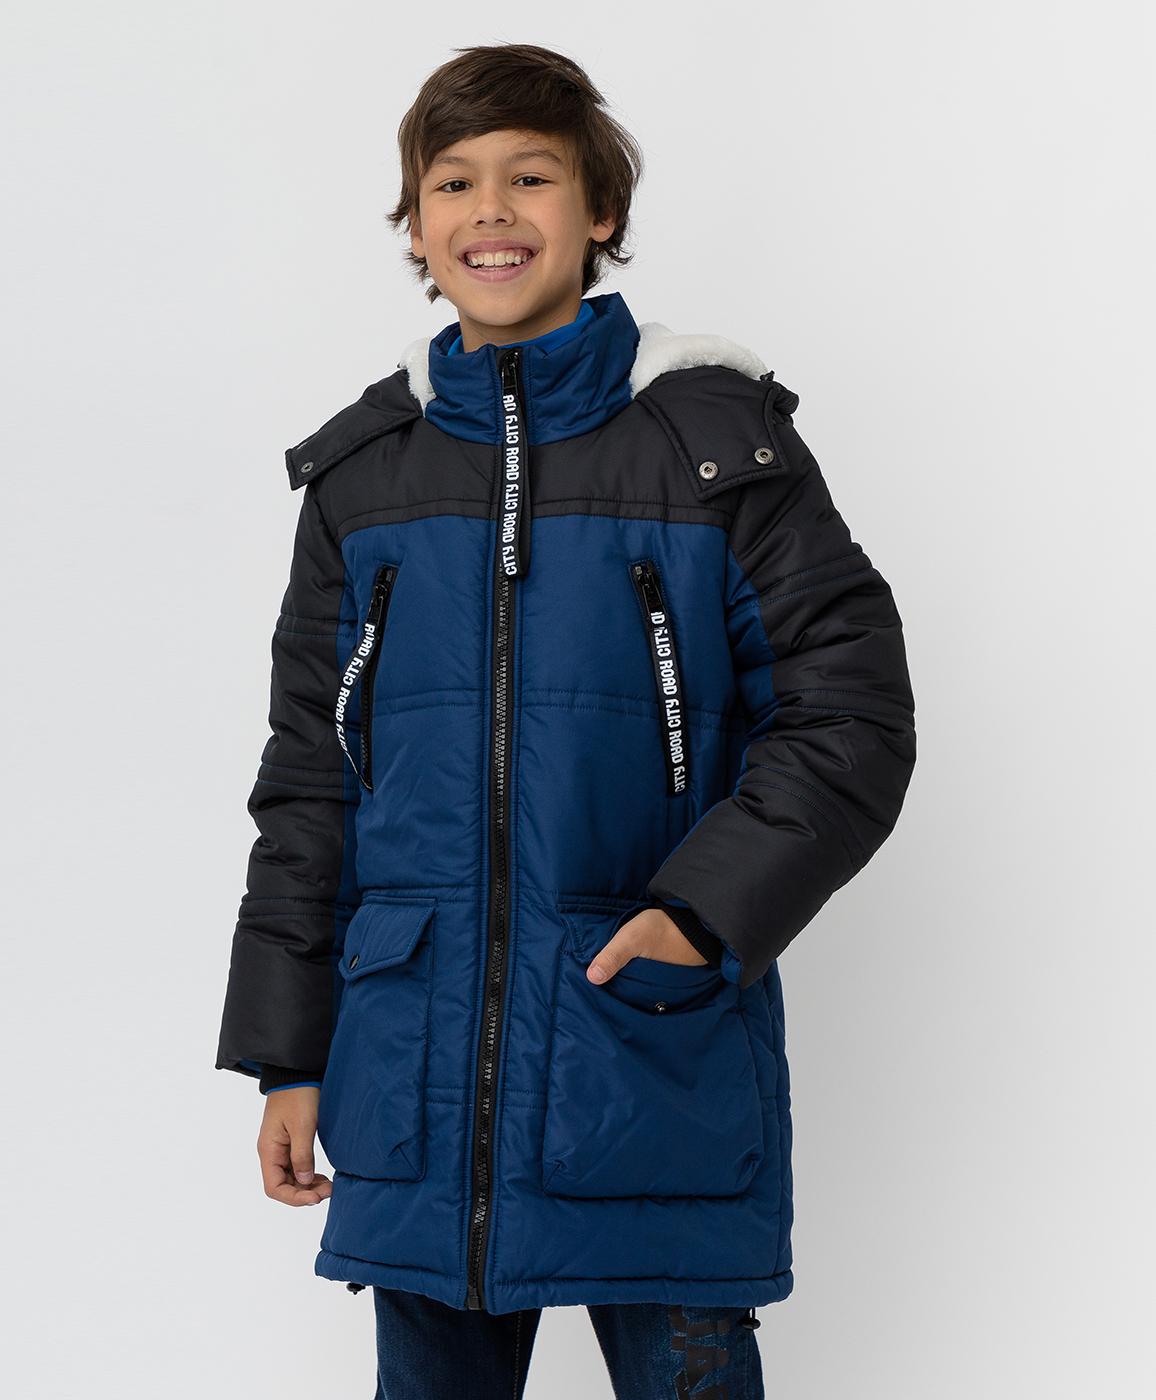 Купить 220BBBJC45021000, Темно-синее зимнее пальто Button Blue, синий, 140, Полиэстер, Мужской, Зима, ОСЕНЬ/ЗИМА 2020-2021 (shop: GulliverMarket Gulliver Market)